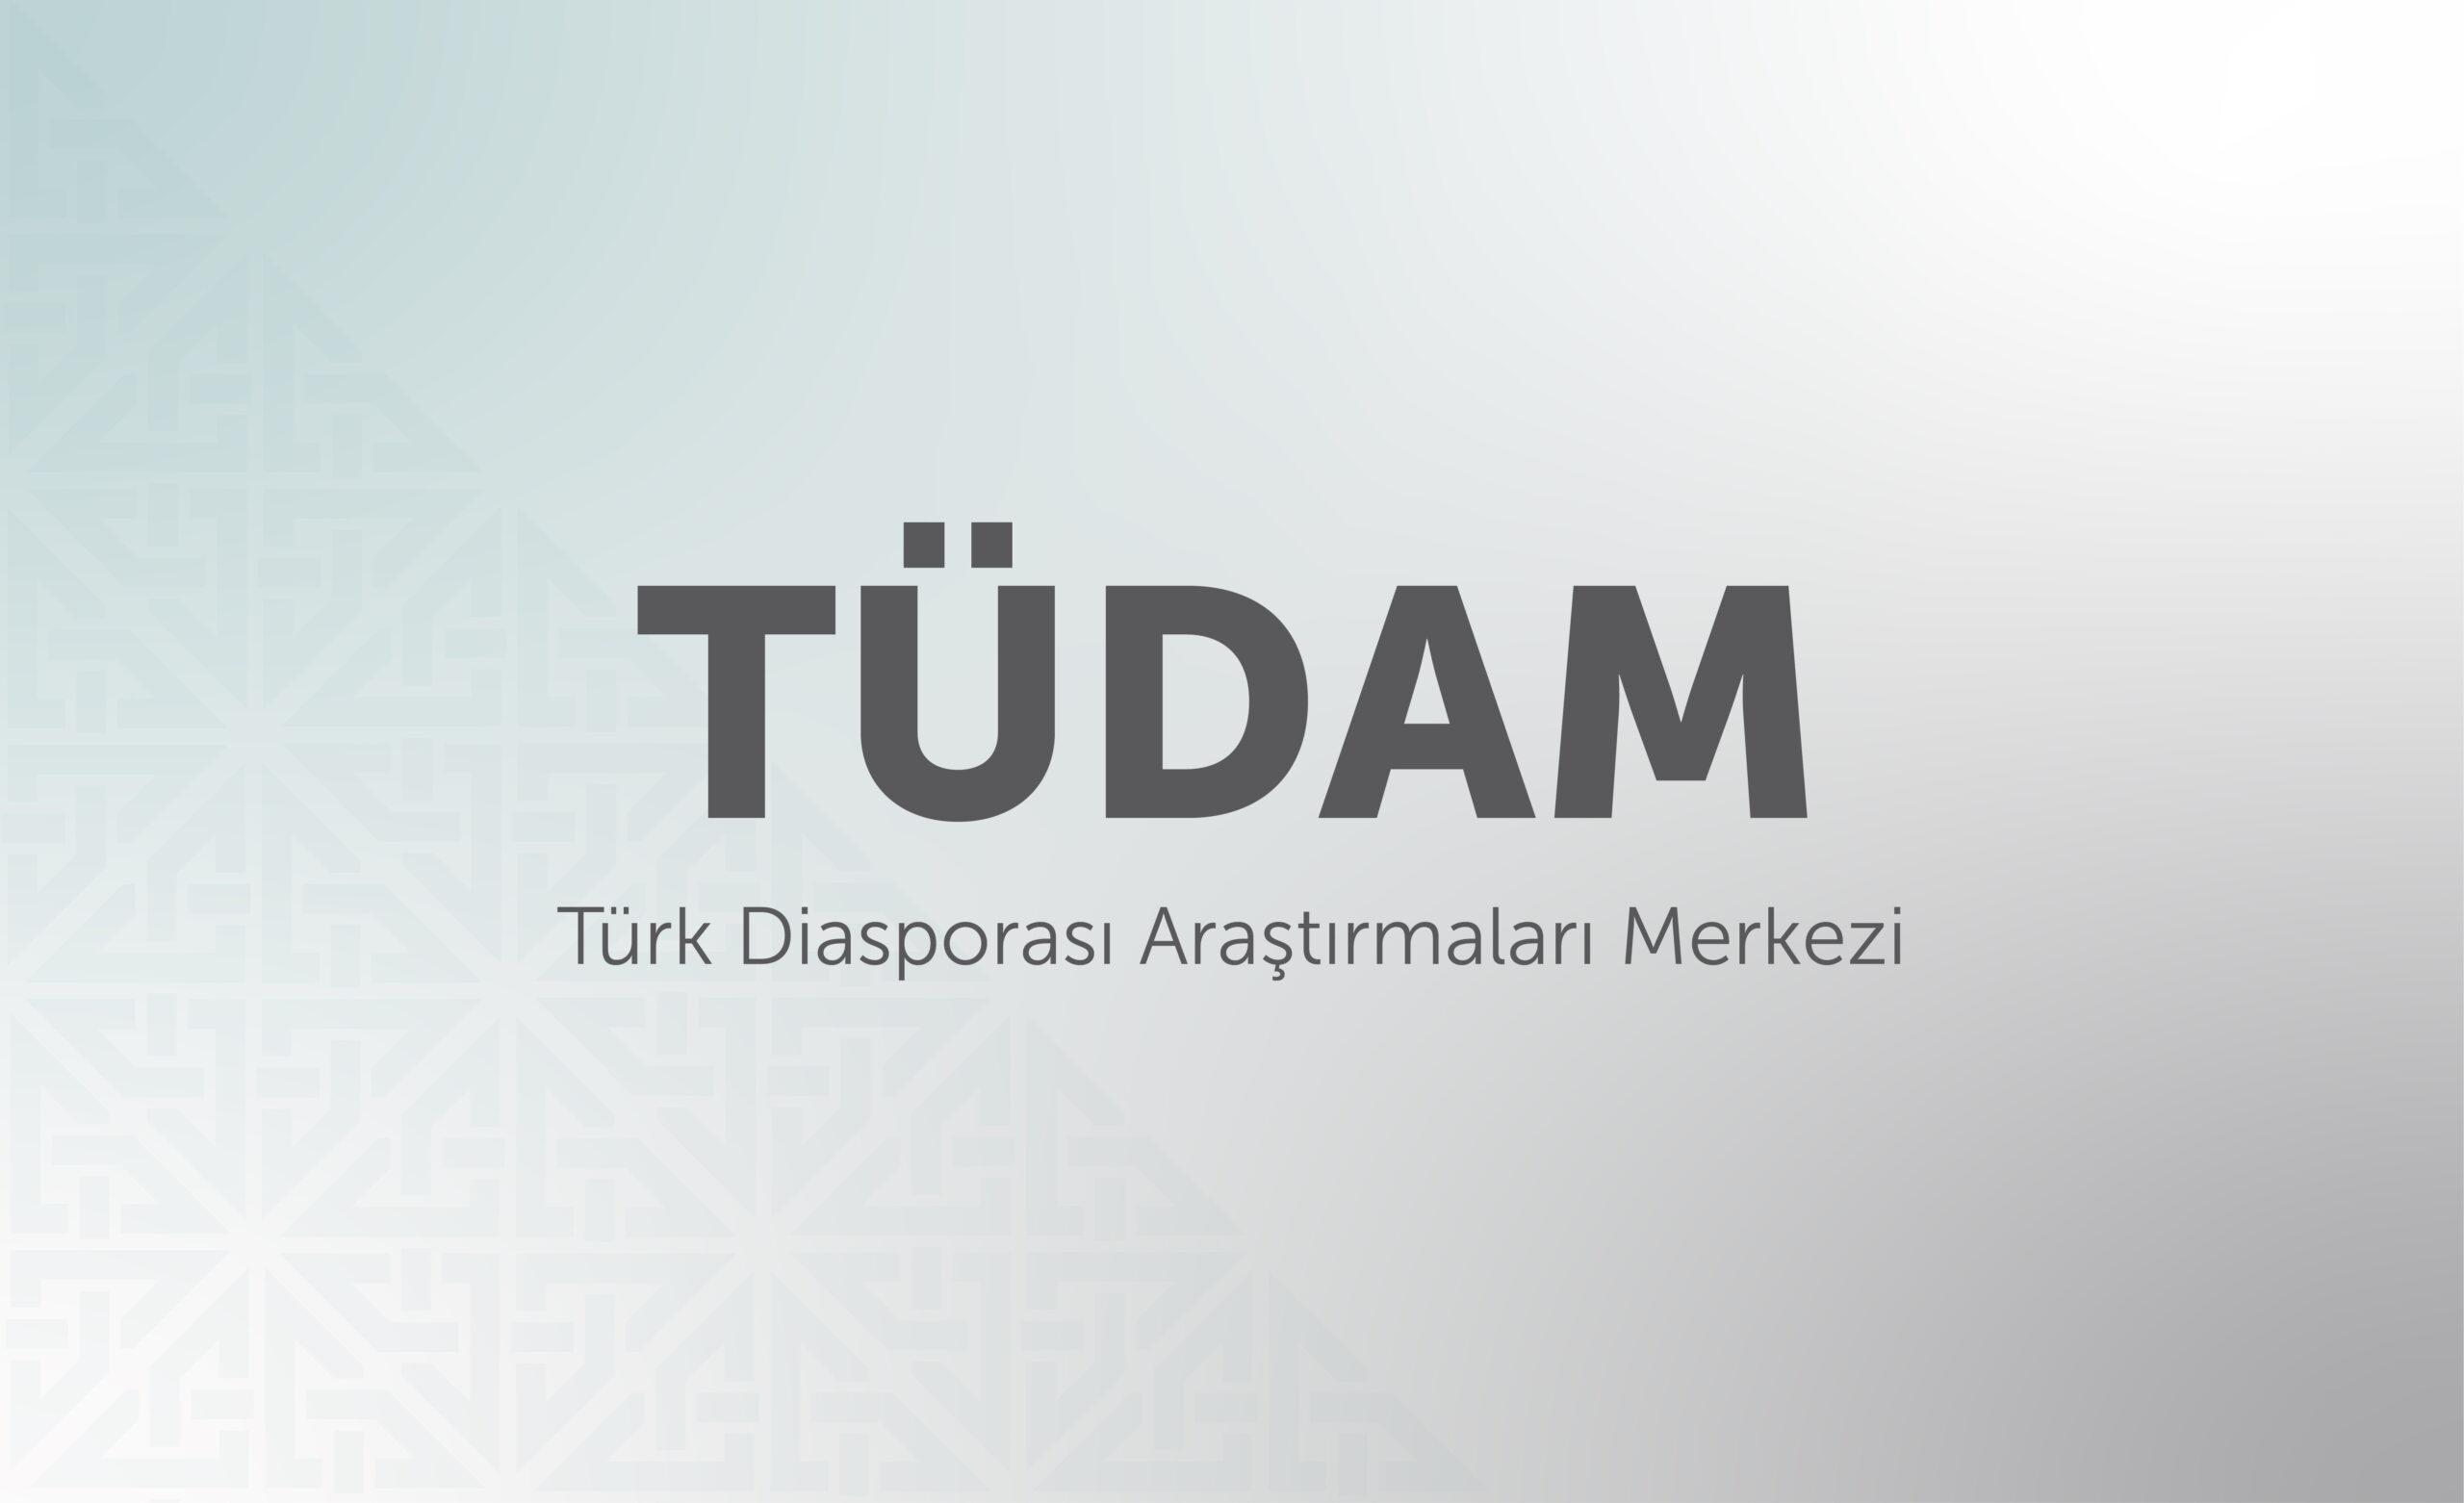 TÜDAM